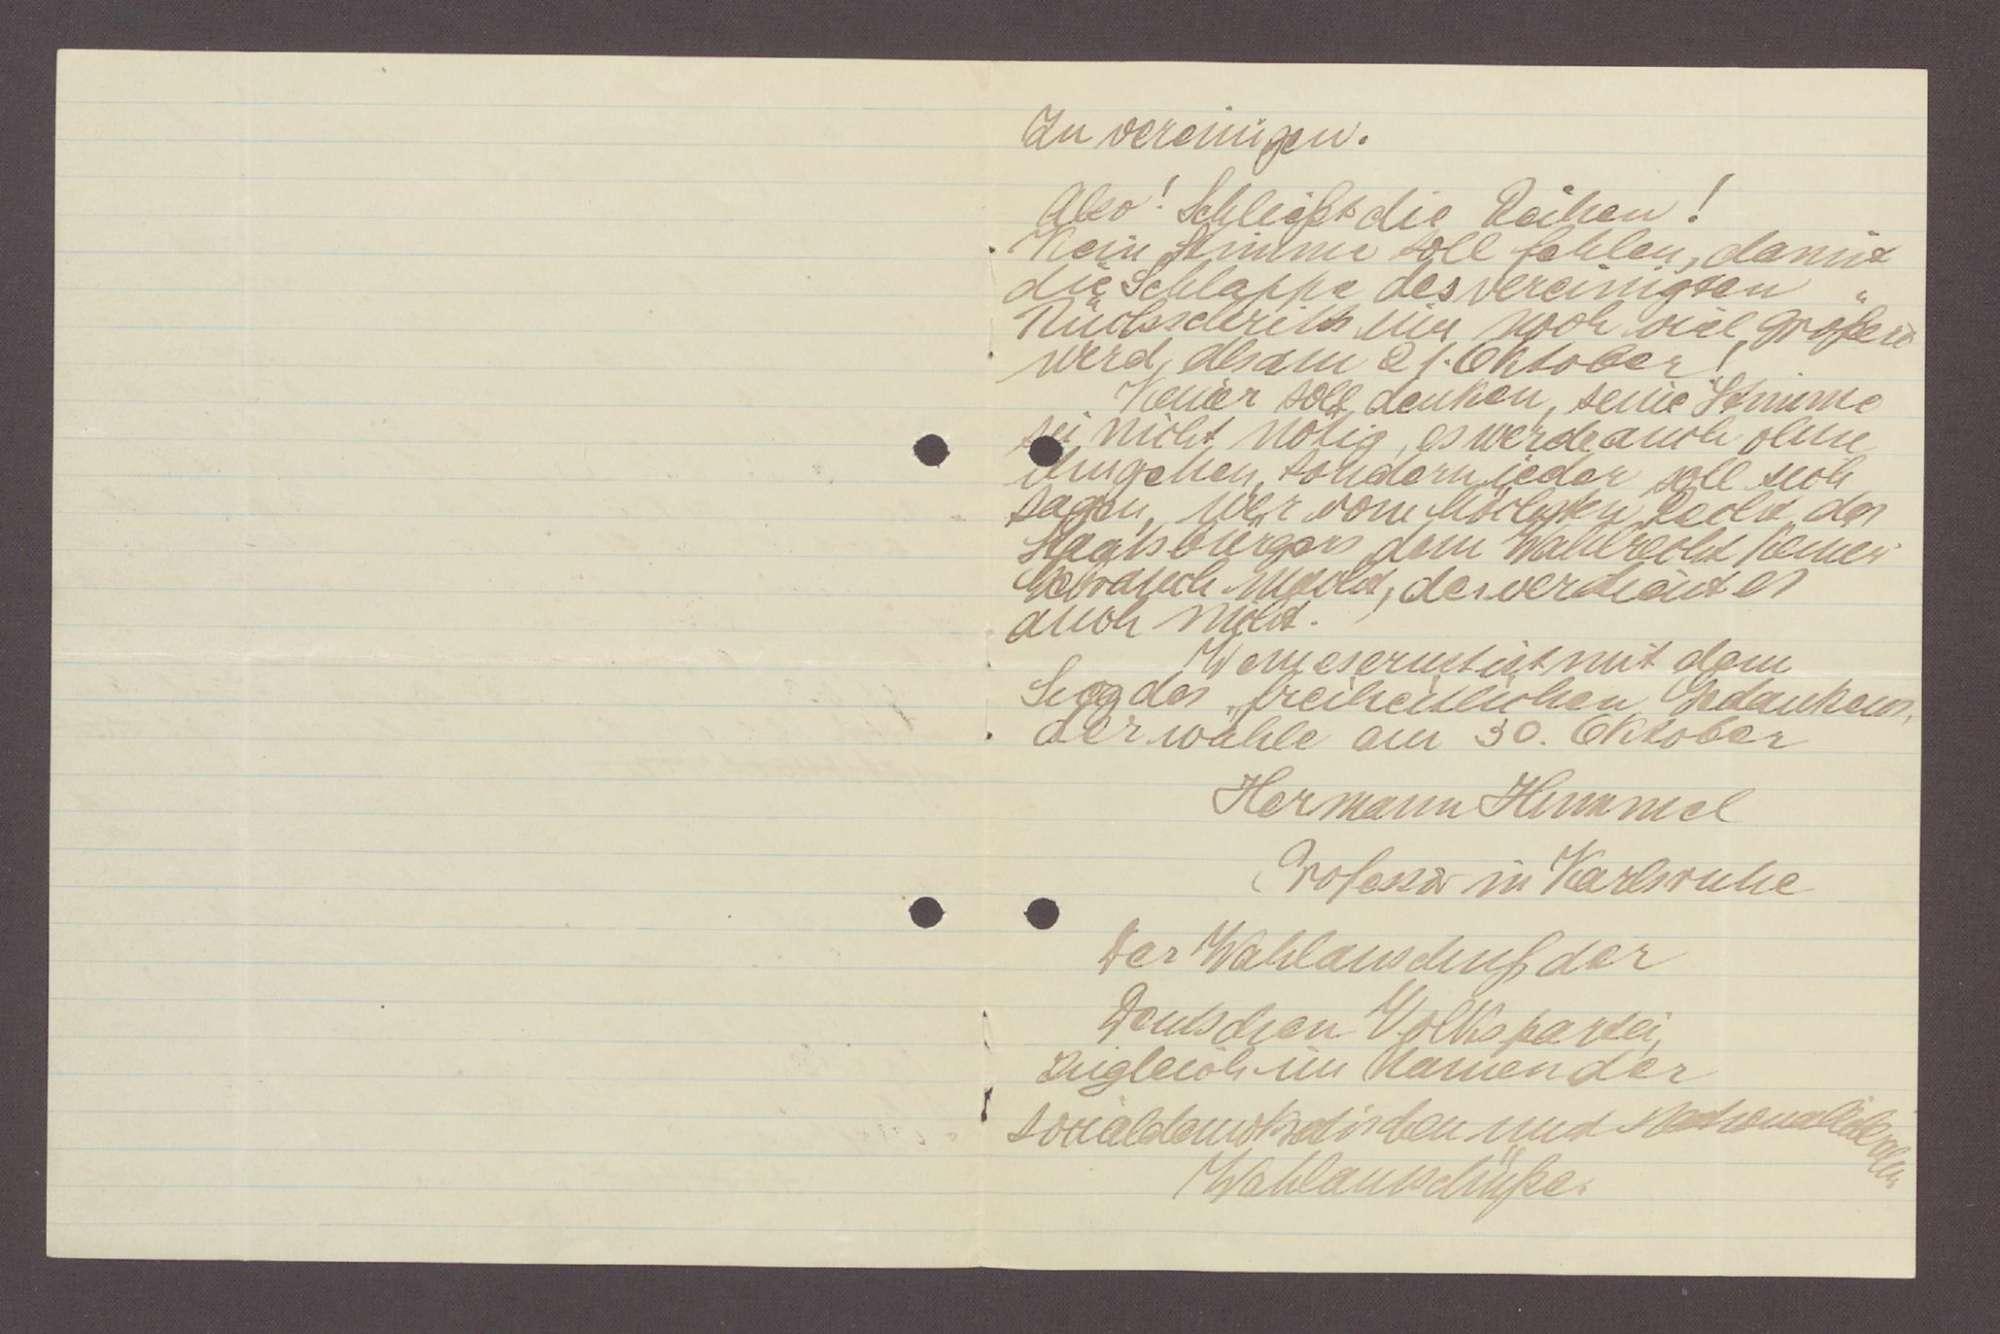 Wahlaufruf für Hermann Hummel, 1 Schreiben (2 Durchschläge), Bild 3